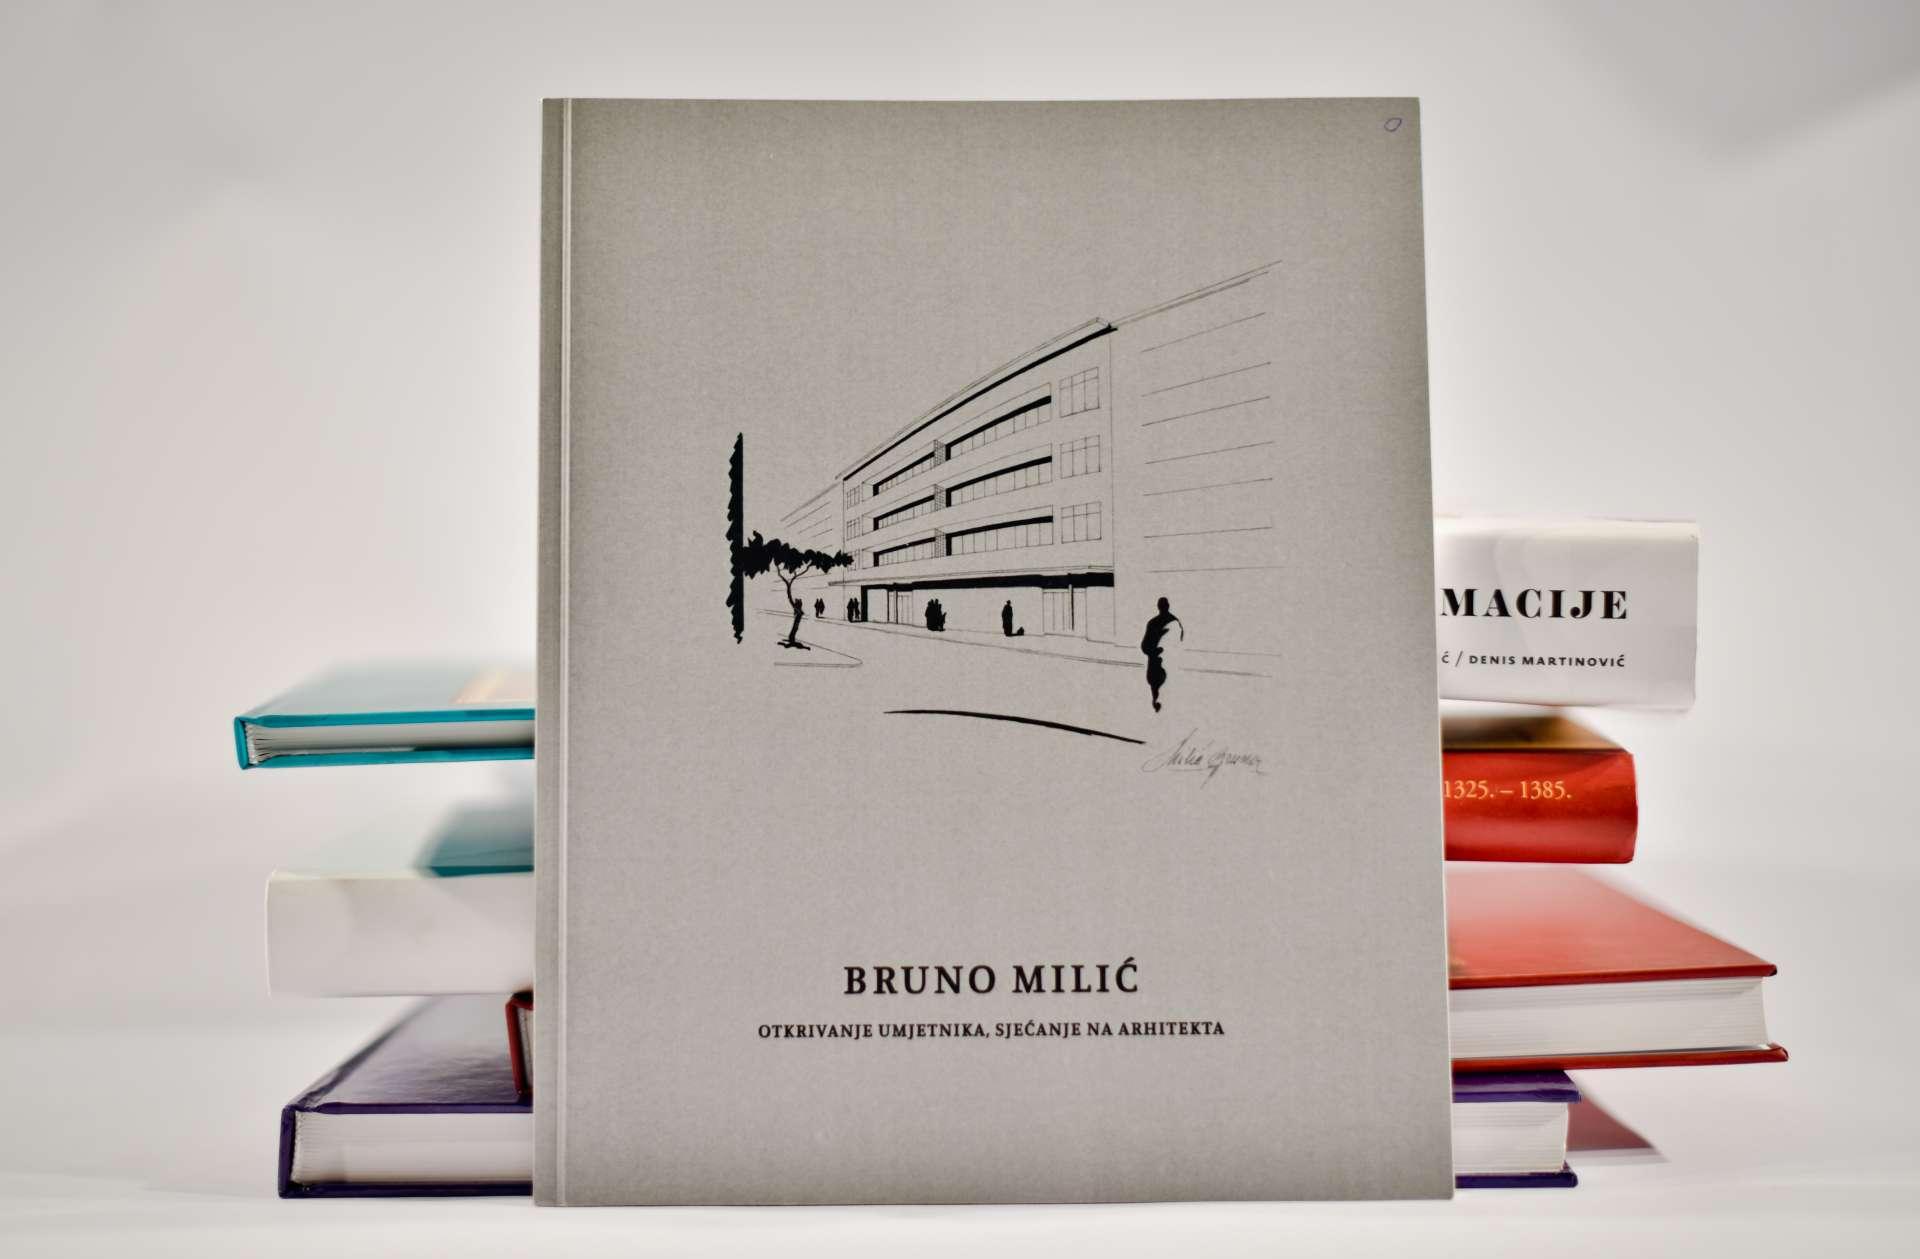 Arhitekt Bruno Milić – otkrivanje umjetnika